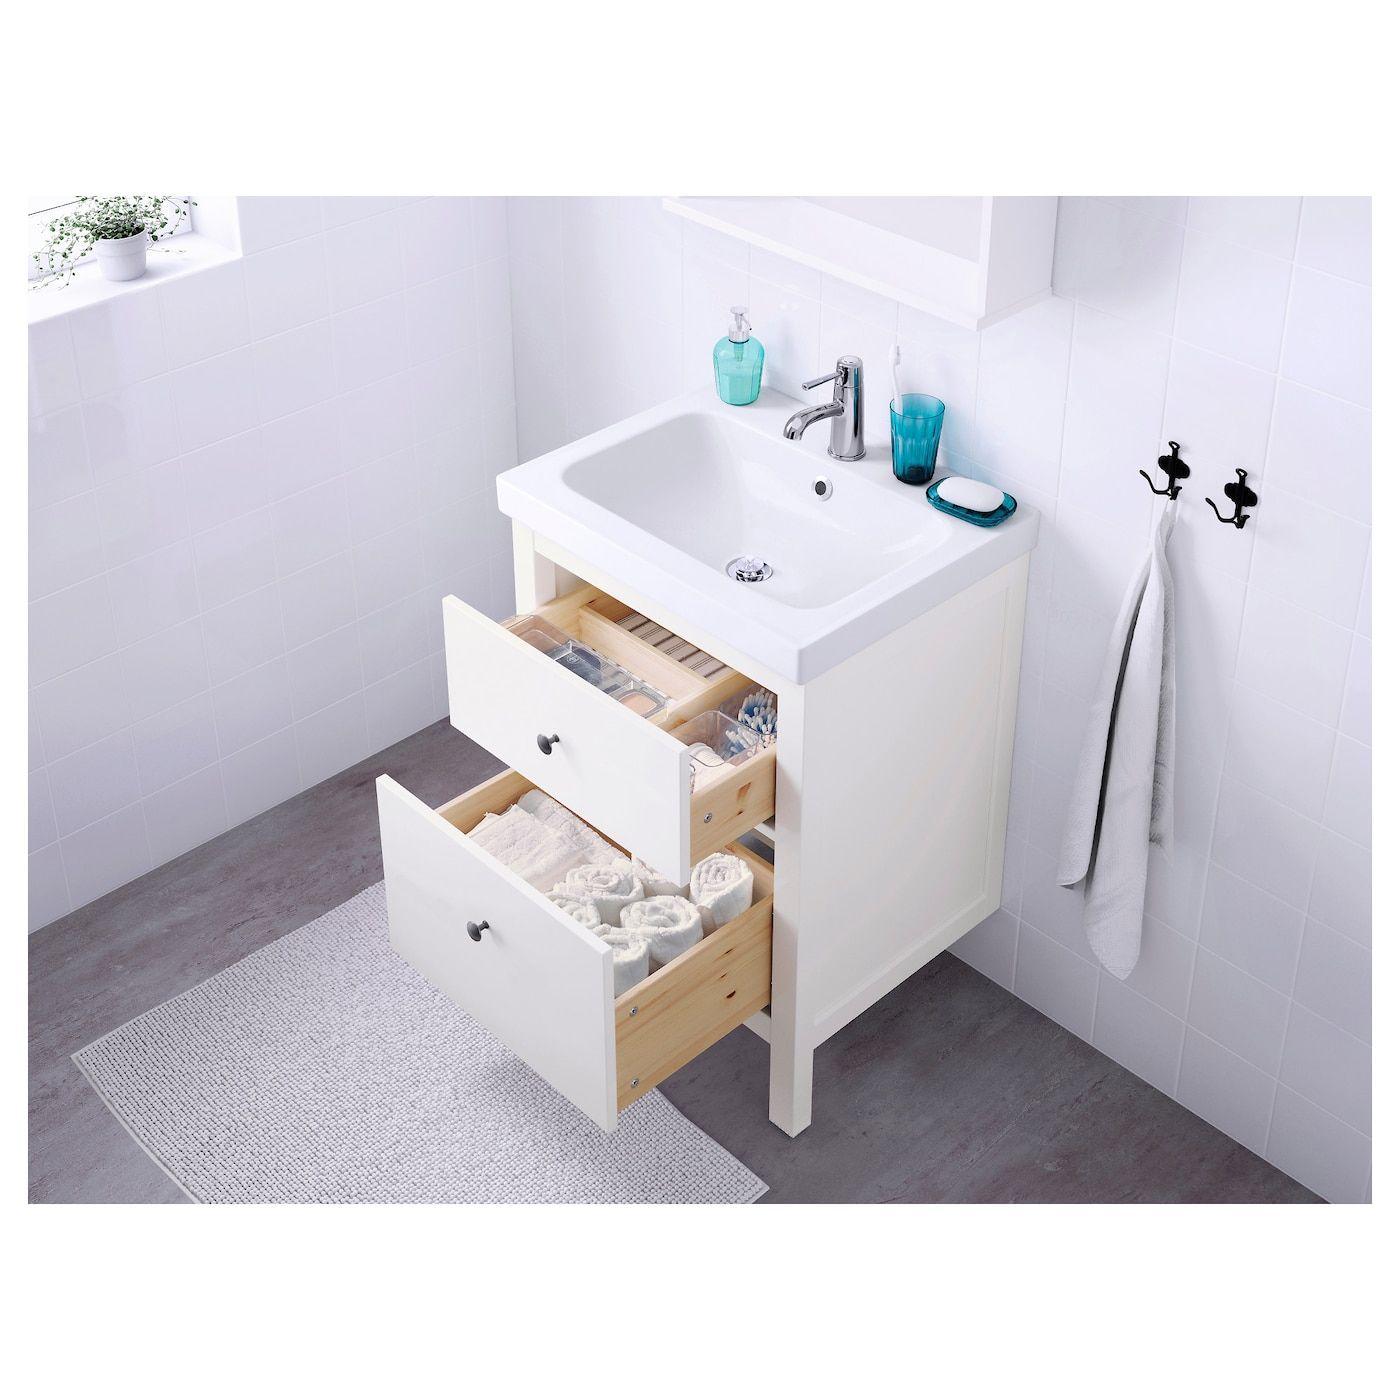 Bathroom Faucet Hemnes Ikea Odensvik Runskar Vanity White